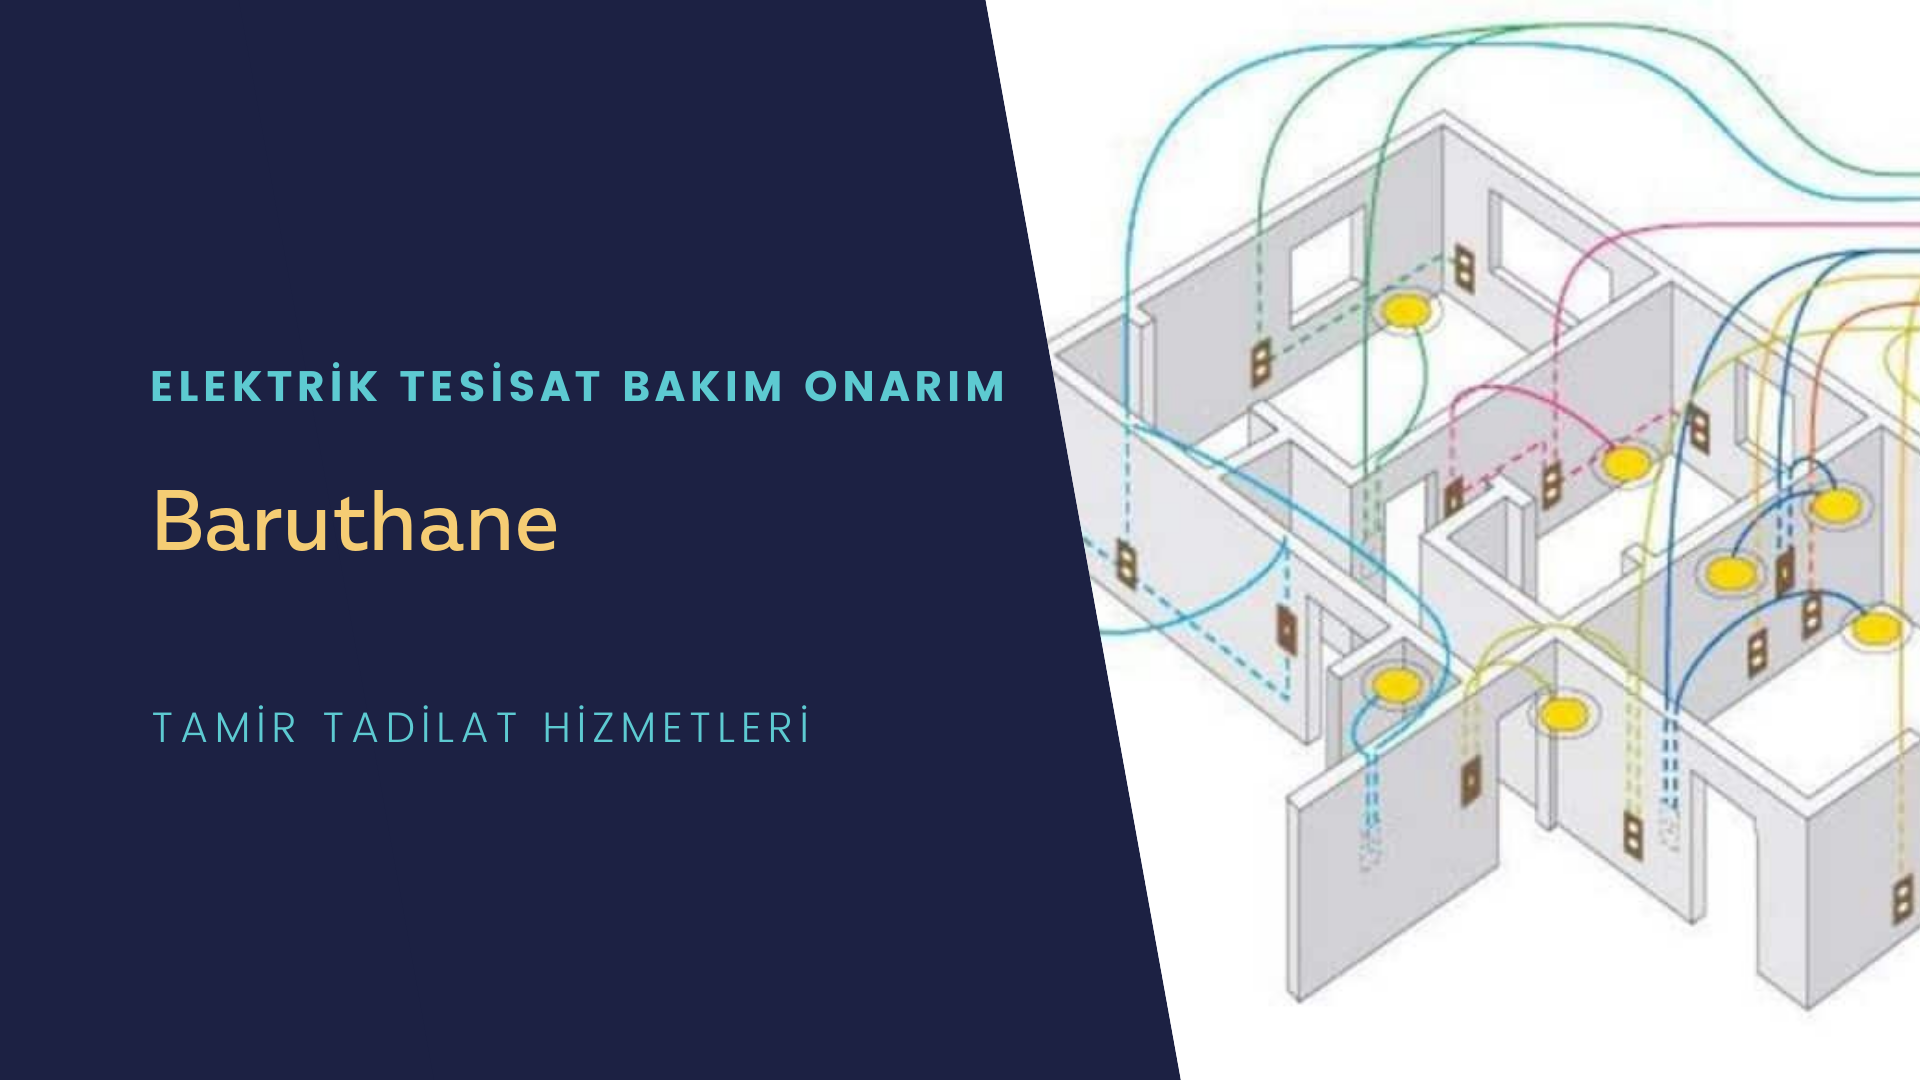 Baruthane   elektrik tesisatıustalarımı arıyorsunuz doğru adrestenizi Baruthane  elektrik tesisatı ustalarımız 7/24 sizlere hizmet vermekten mutluluk duyar.